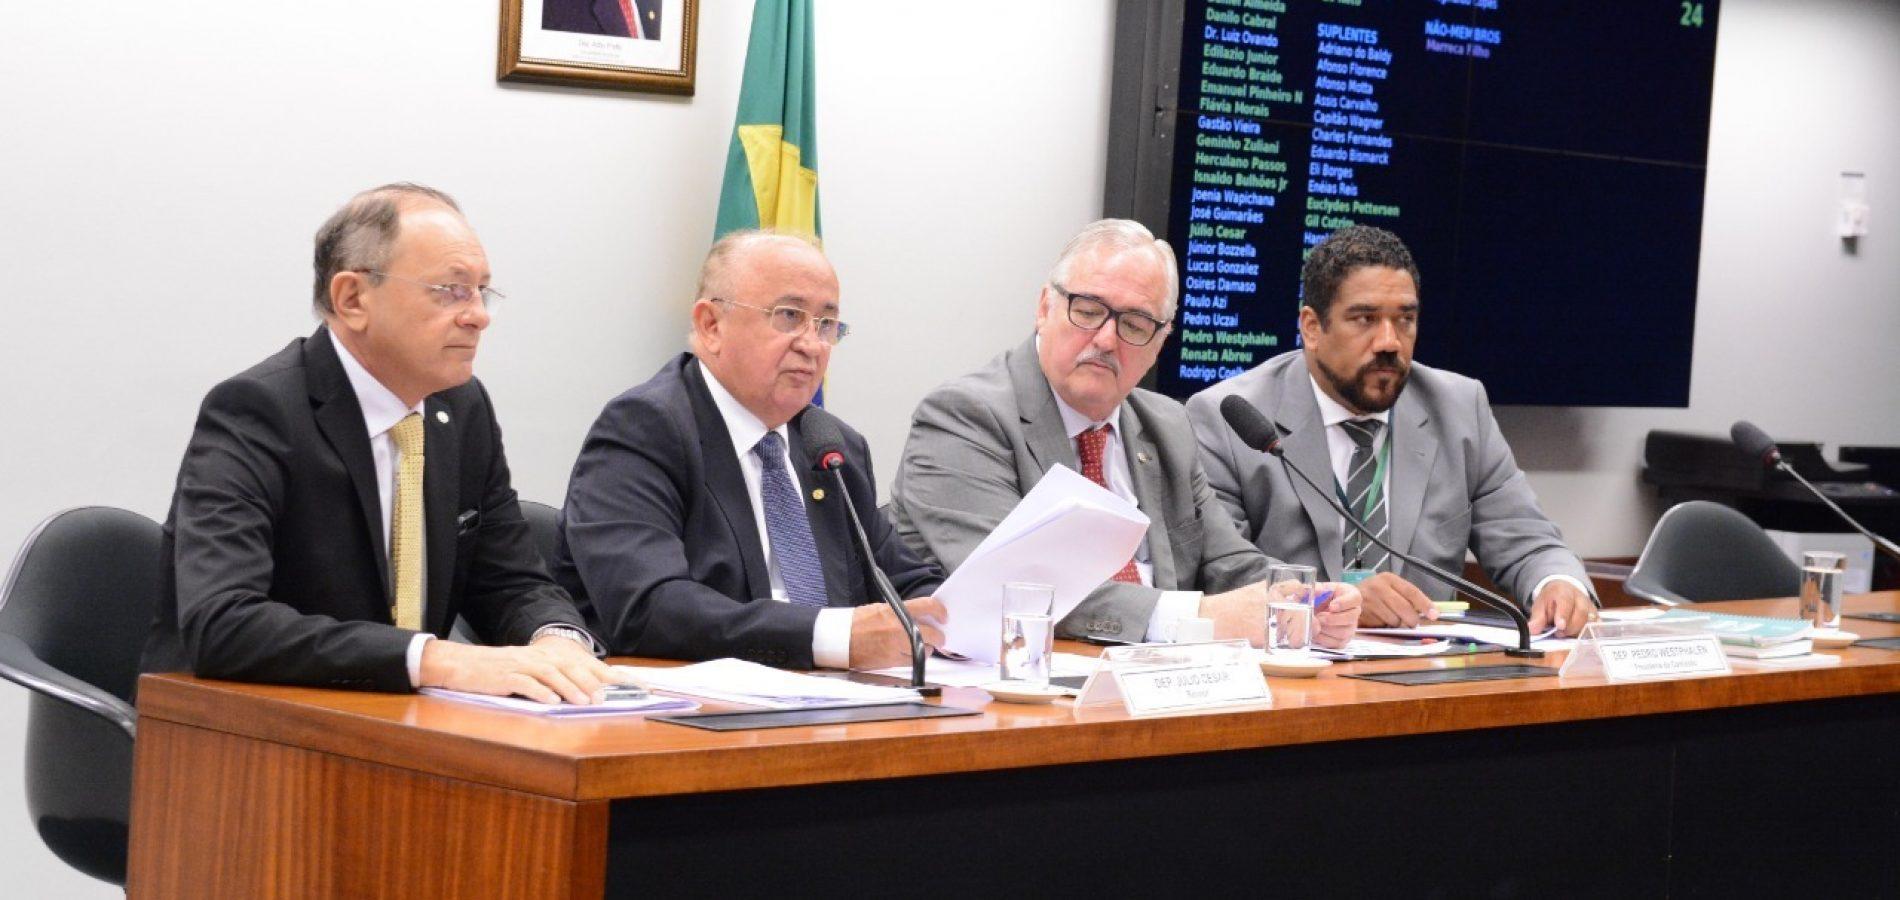 Comissão aprova relatório de Júlio César para repassar mais 1% no FPM de setembro